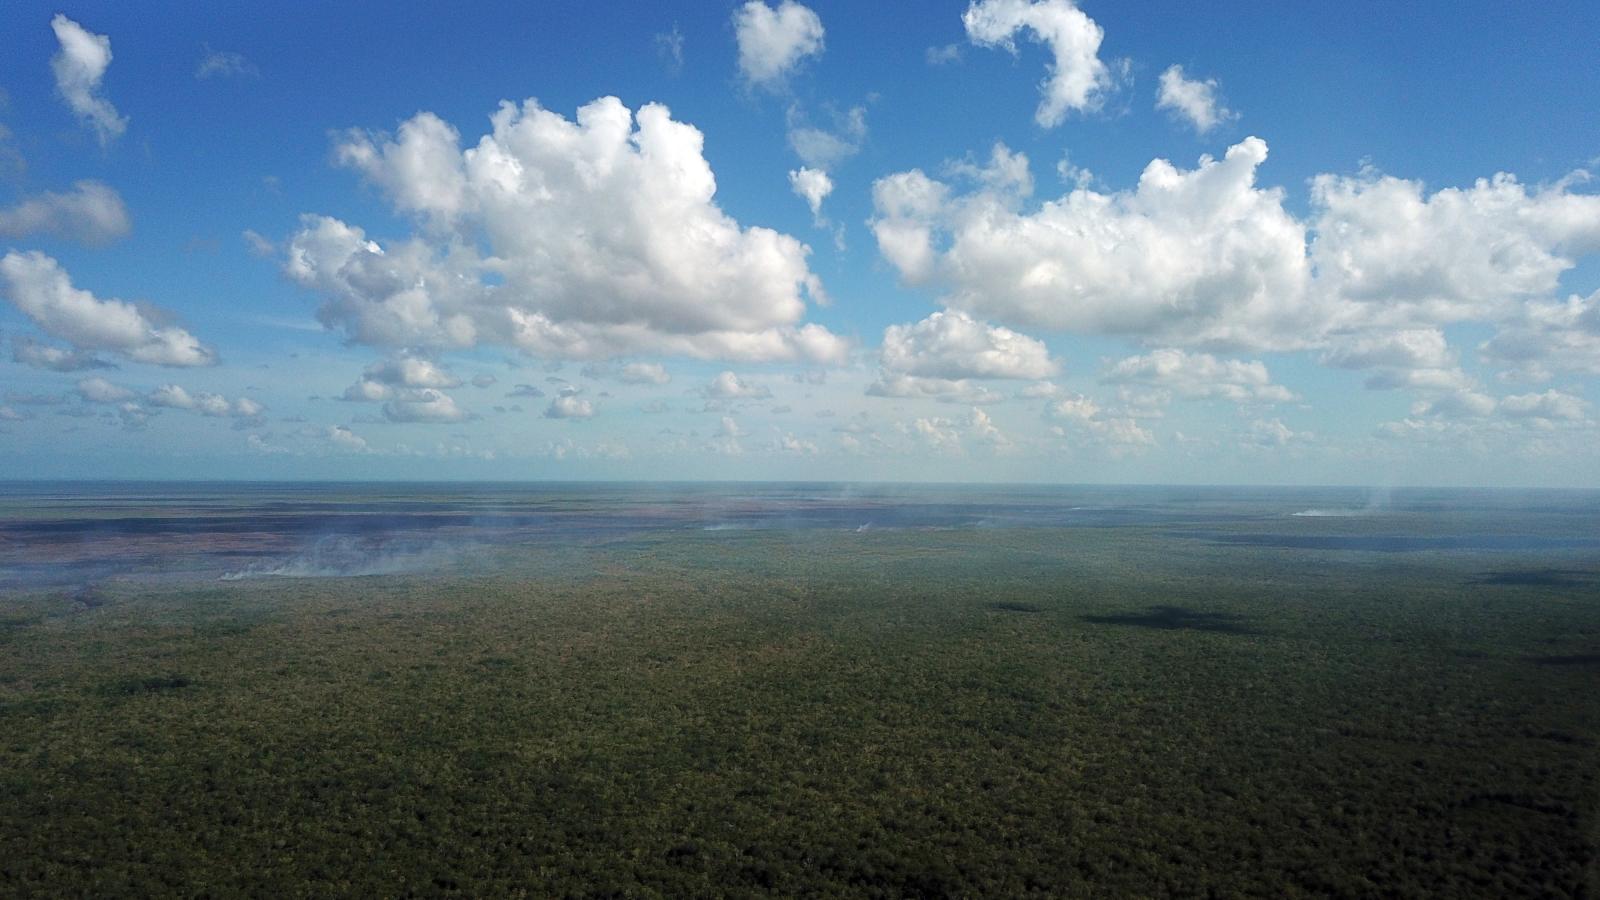 Pożary lasów w Meksyku fot. EPA/Lourdes Cruz